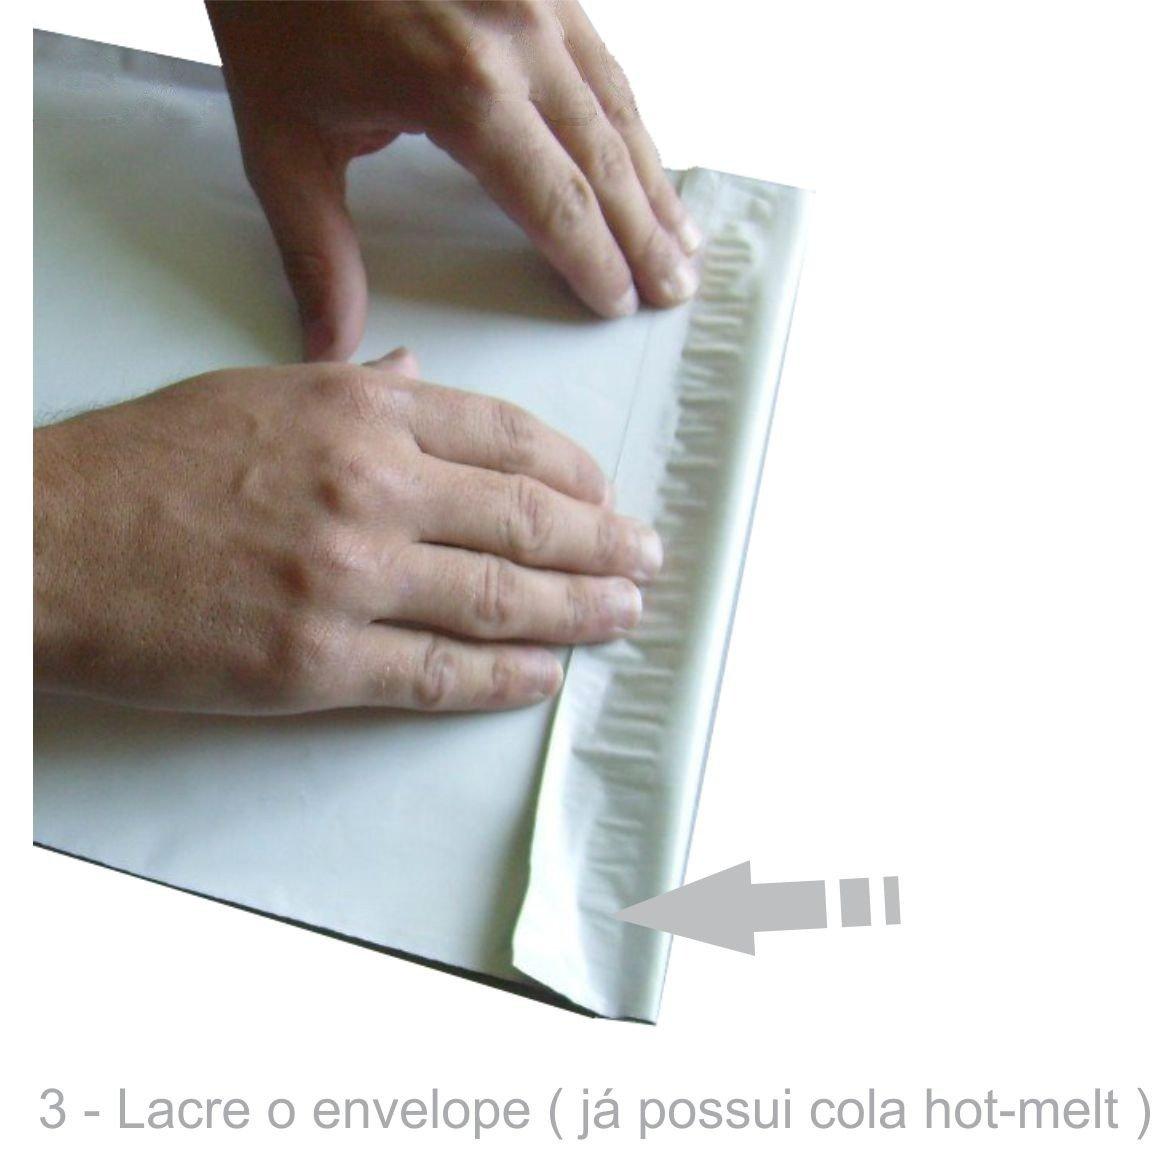 Envelope Plástico Segurança Lacre Tipo Sedex 40x30 (100pcs)